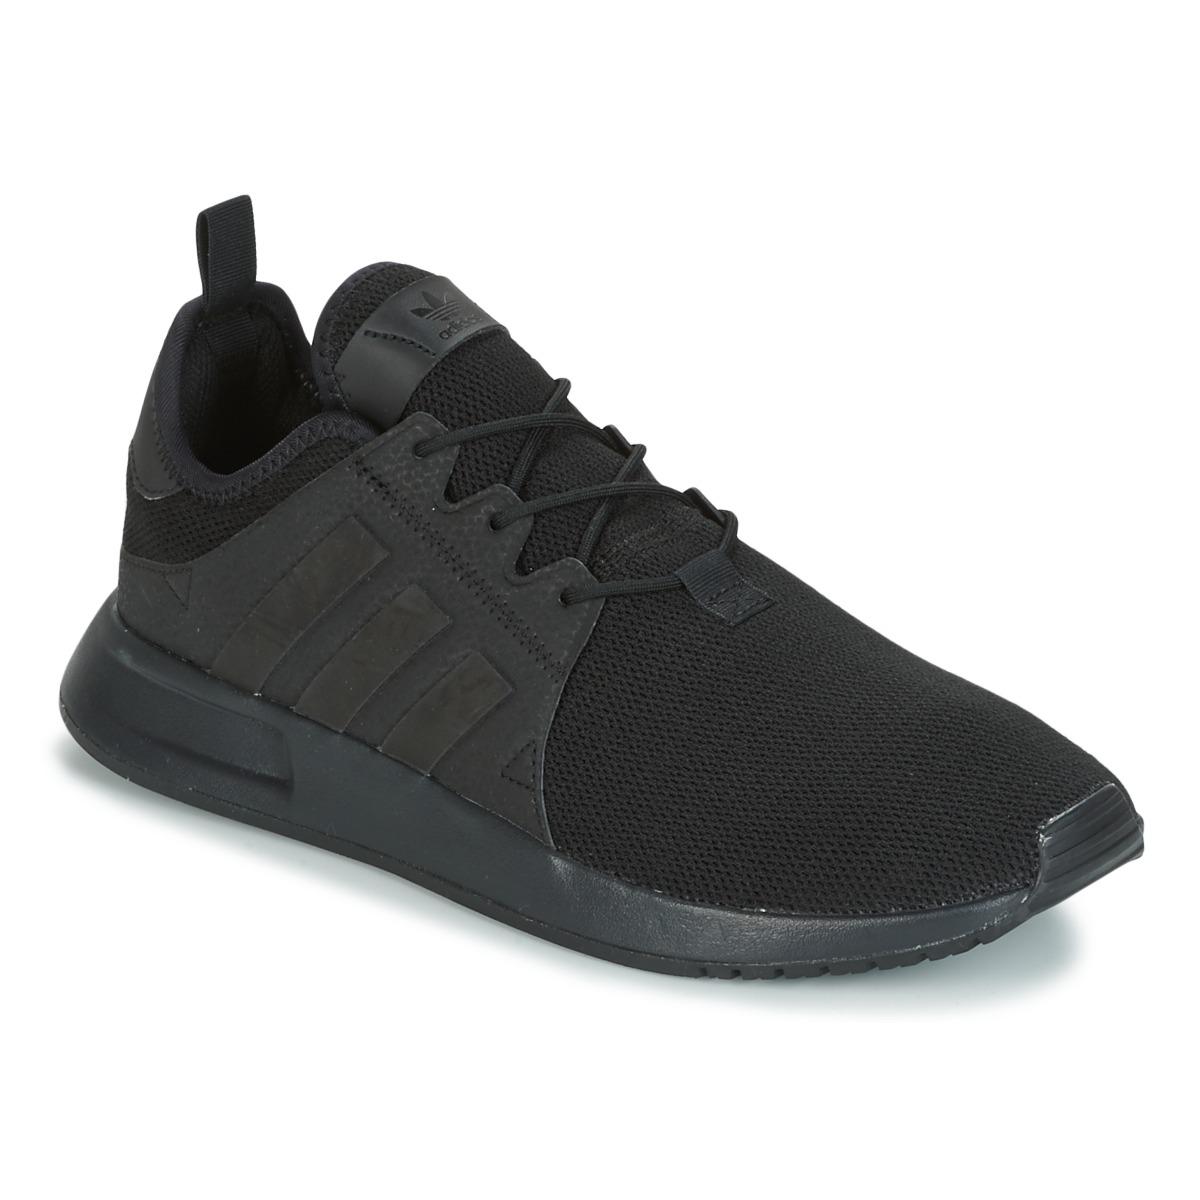 adidas Originals X_PLR Schwarz - Kostenloser Versand bei Spartoode ! - Schuhe Sneaker Low  54,00 €